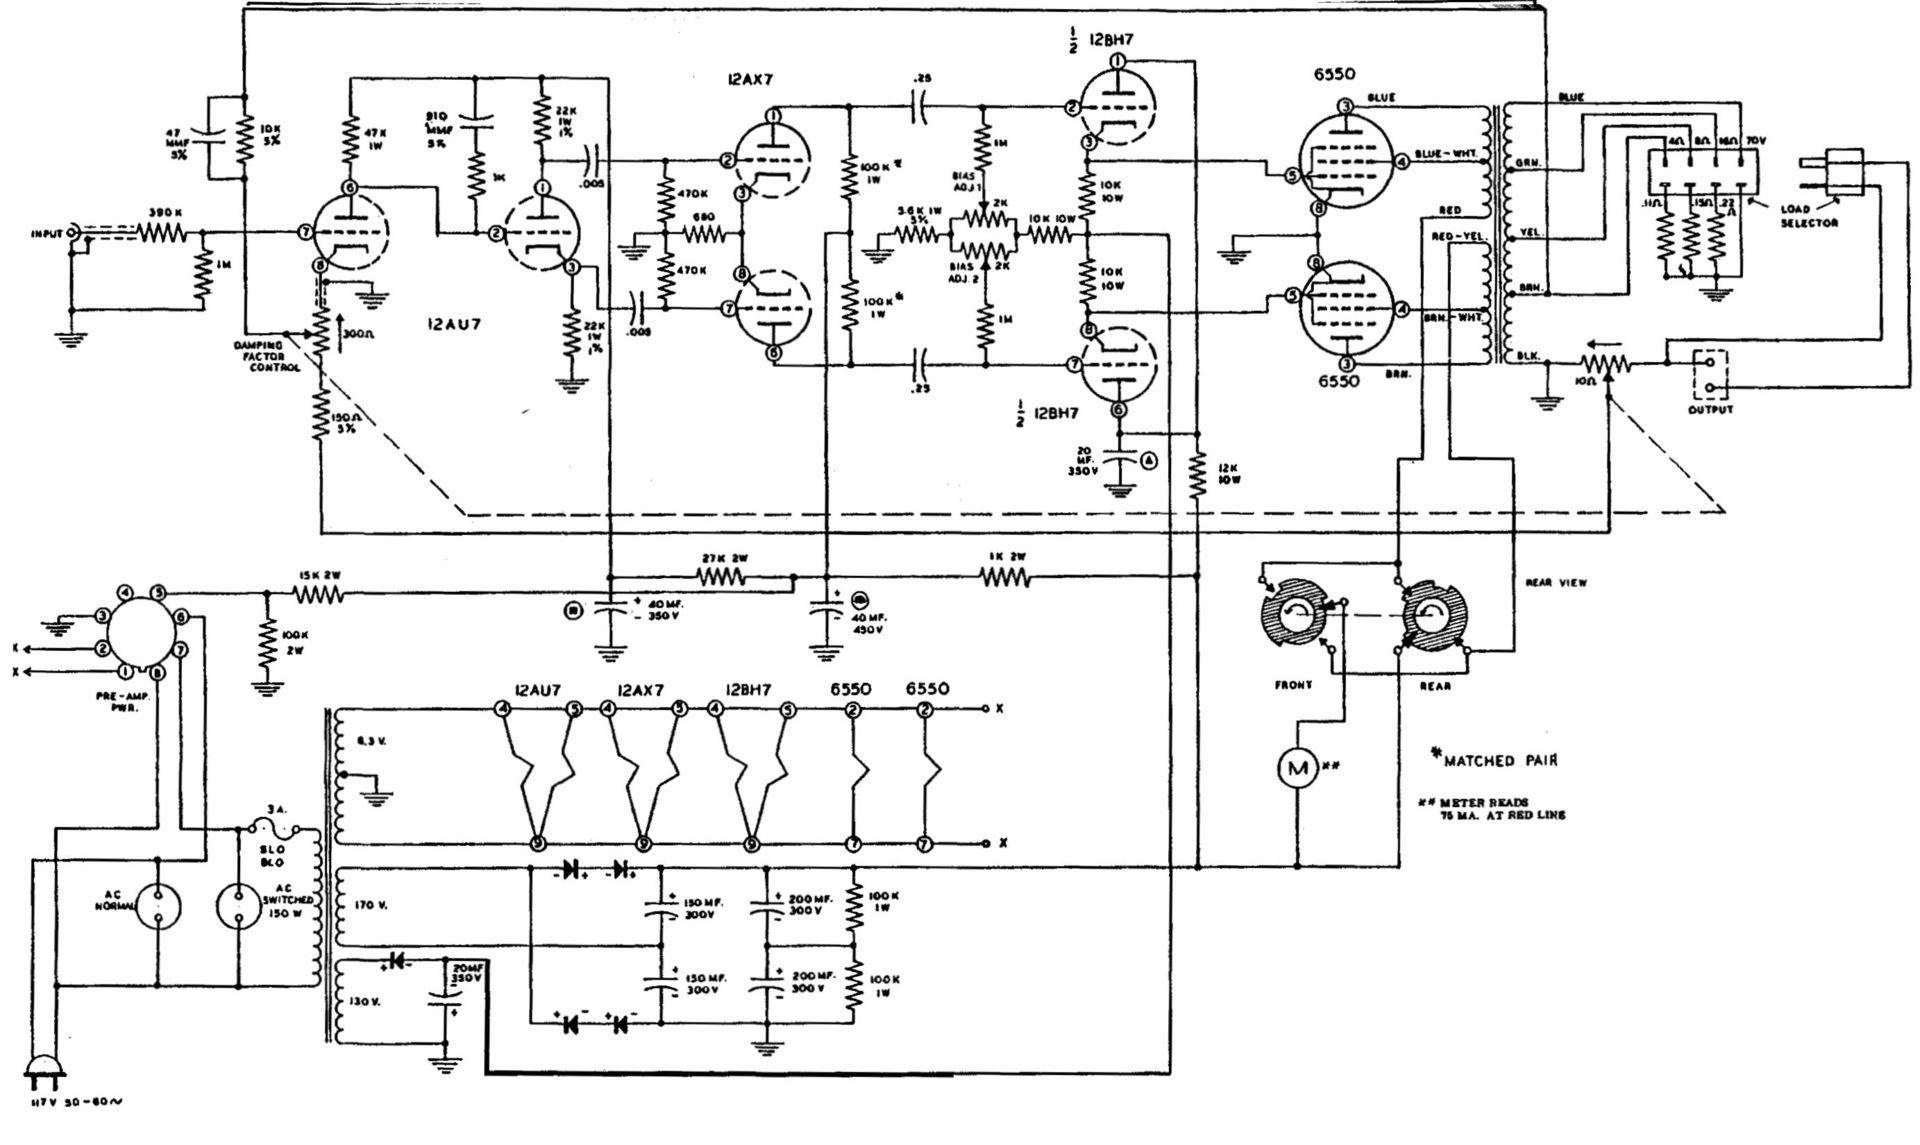 Легендарные усилители: «холод» ламп без трансформатора, DIY-компиляции, десятилетия мучений с классом «Д» - 11